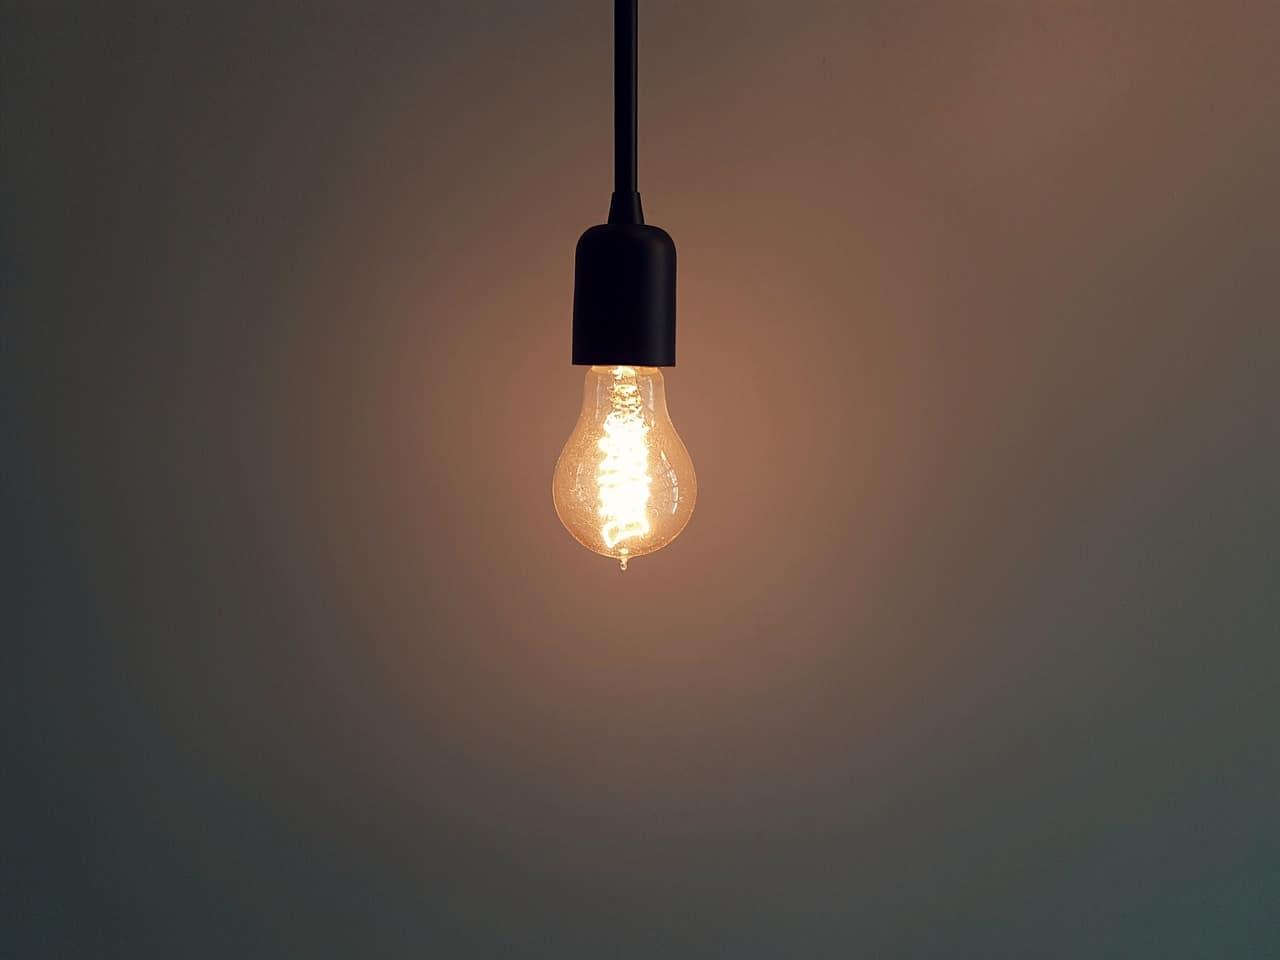 éclairage électricité